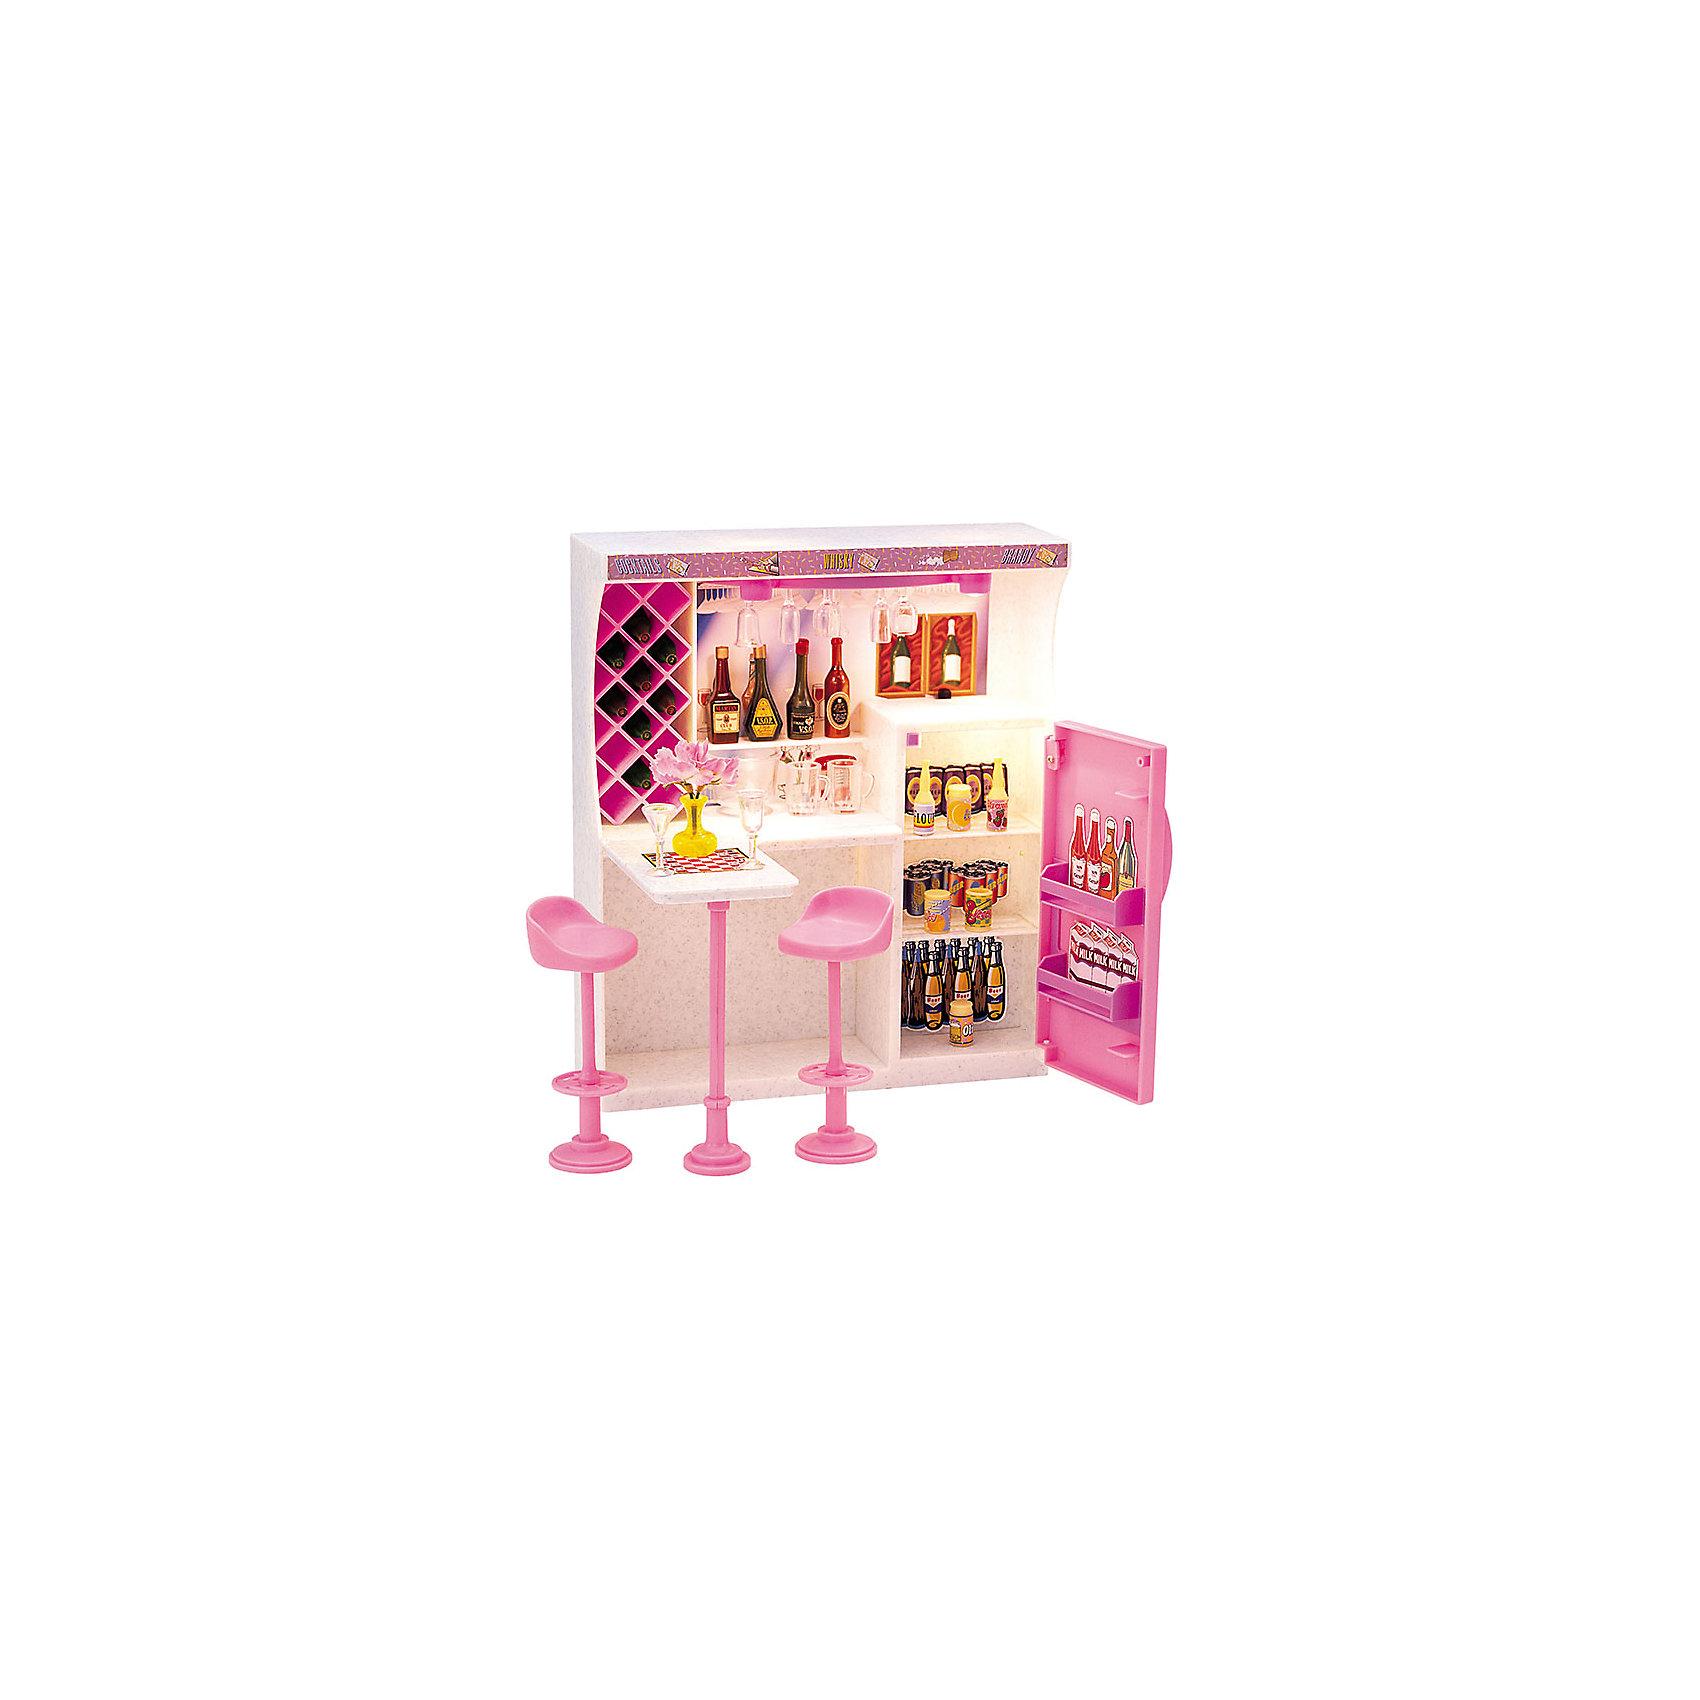 Набор мебели для кукол Весёлая вечеринка, DollyToyИдеи подарков<br>Характеристики товара:<br><br>• возраст от 3 лет;<br>• материал: пластик;<br>• подсветка бара (батарейки в комплекте)<br>• подходит для кукол высотой до 29 см<br>• в комплекте: стулья, барная стойка, холодильник, аксессуары;<br>• размер упаковки 31х31х9,5 см;<br>• вес упаковки 980 гр.;<br>• страна производитель: Китай.<br><br>Набор мебели для кукол «Веселая вечеринка» DollyToy — набор аксессуаров для кукол, с которым девочка придумает оригинальные сюжеты и истории для игры. Ее любимая куколка сможет позвать своих друзей на самую настоящую вечеринку. Барная стойка подсвечивается, что делает игру еще интересней. Игрушка сделана из качественного безопасного пластика.<br><br>Набор мебели для кукол «Веселая вечеринка» DollyToy можно приобрести в нашем интернет-магазине.<br><br>Ширина мм: 310<br>Глубина мм: 310<br>Высота мм: 95<br>Вес г: 980<br>Возраст от месяцев: 36<br>Возраст до месяцев: 72<br>Пол: Женский<br>Возраст: Детский<br>SKU: 5581269